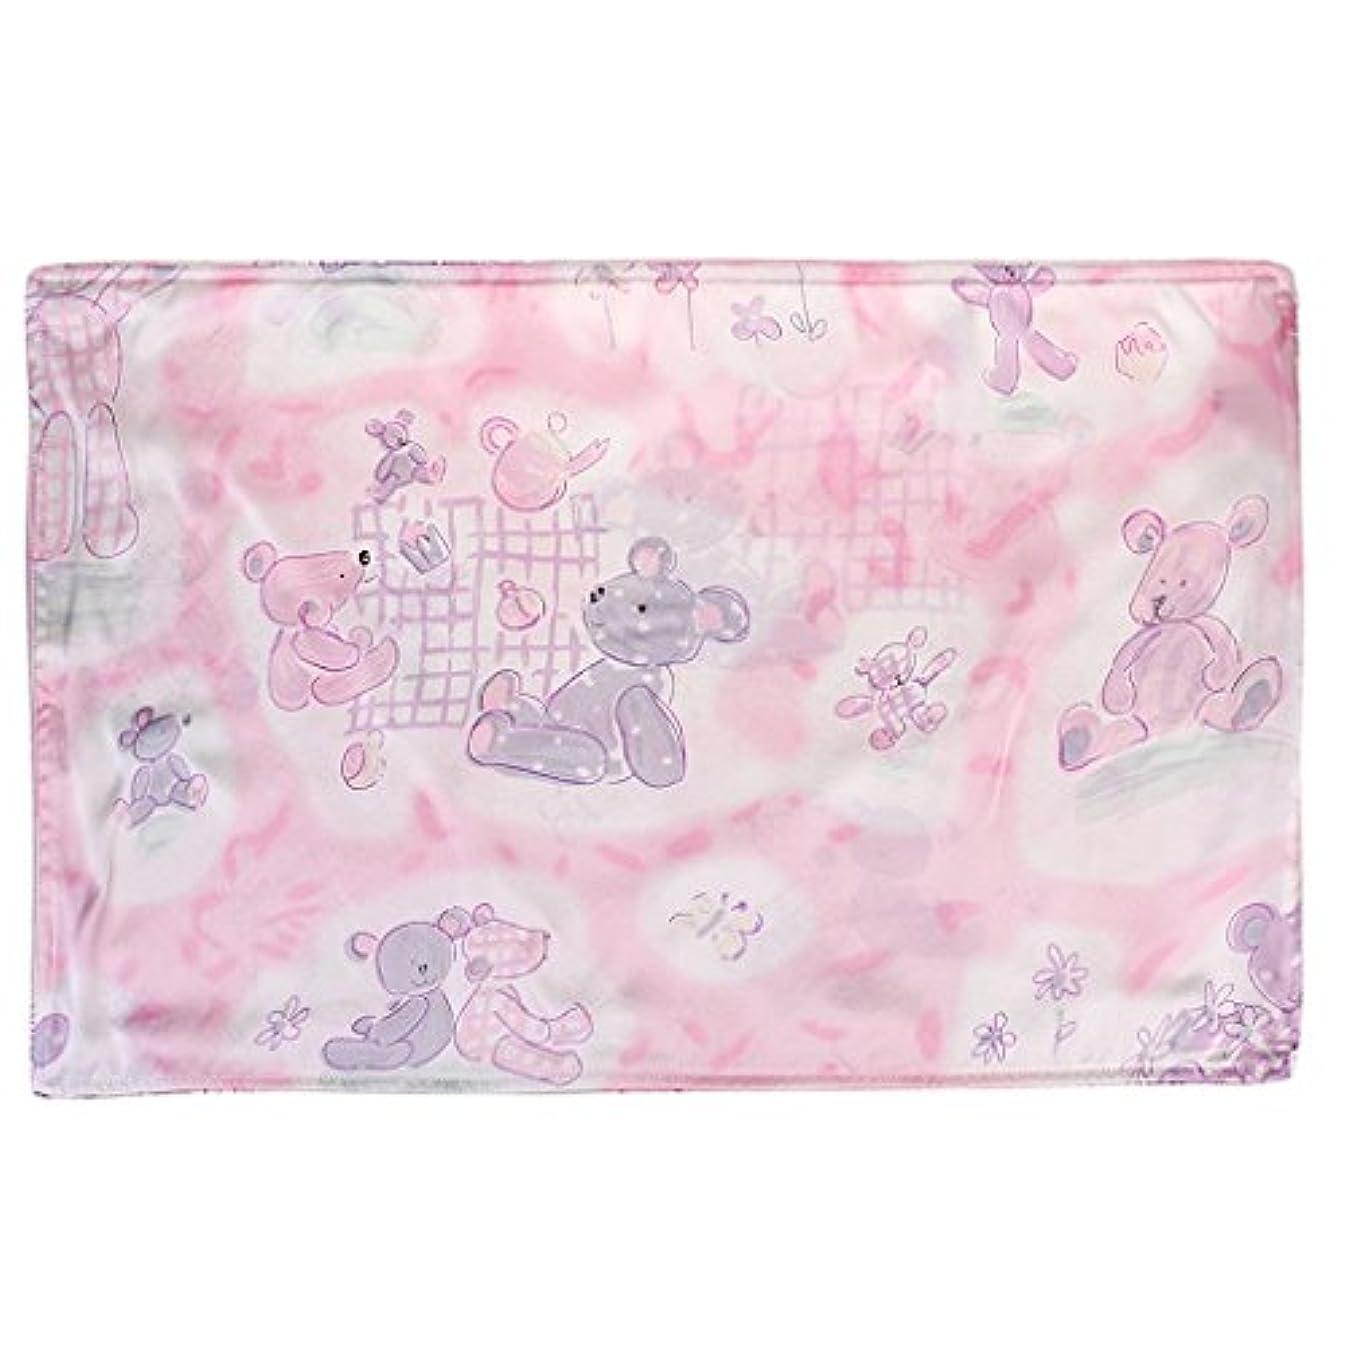 物語ベッドのホストかわいい赤ちゃんキッズ100%シルクサテン両面ピローケース30 * 50センチメートルベアピンク